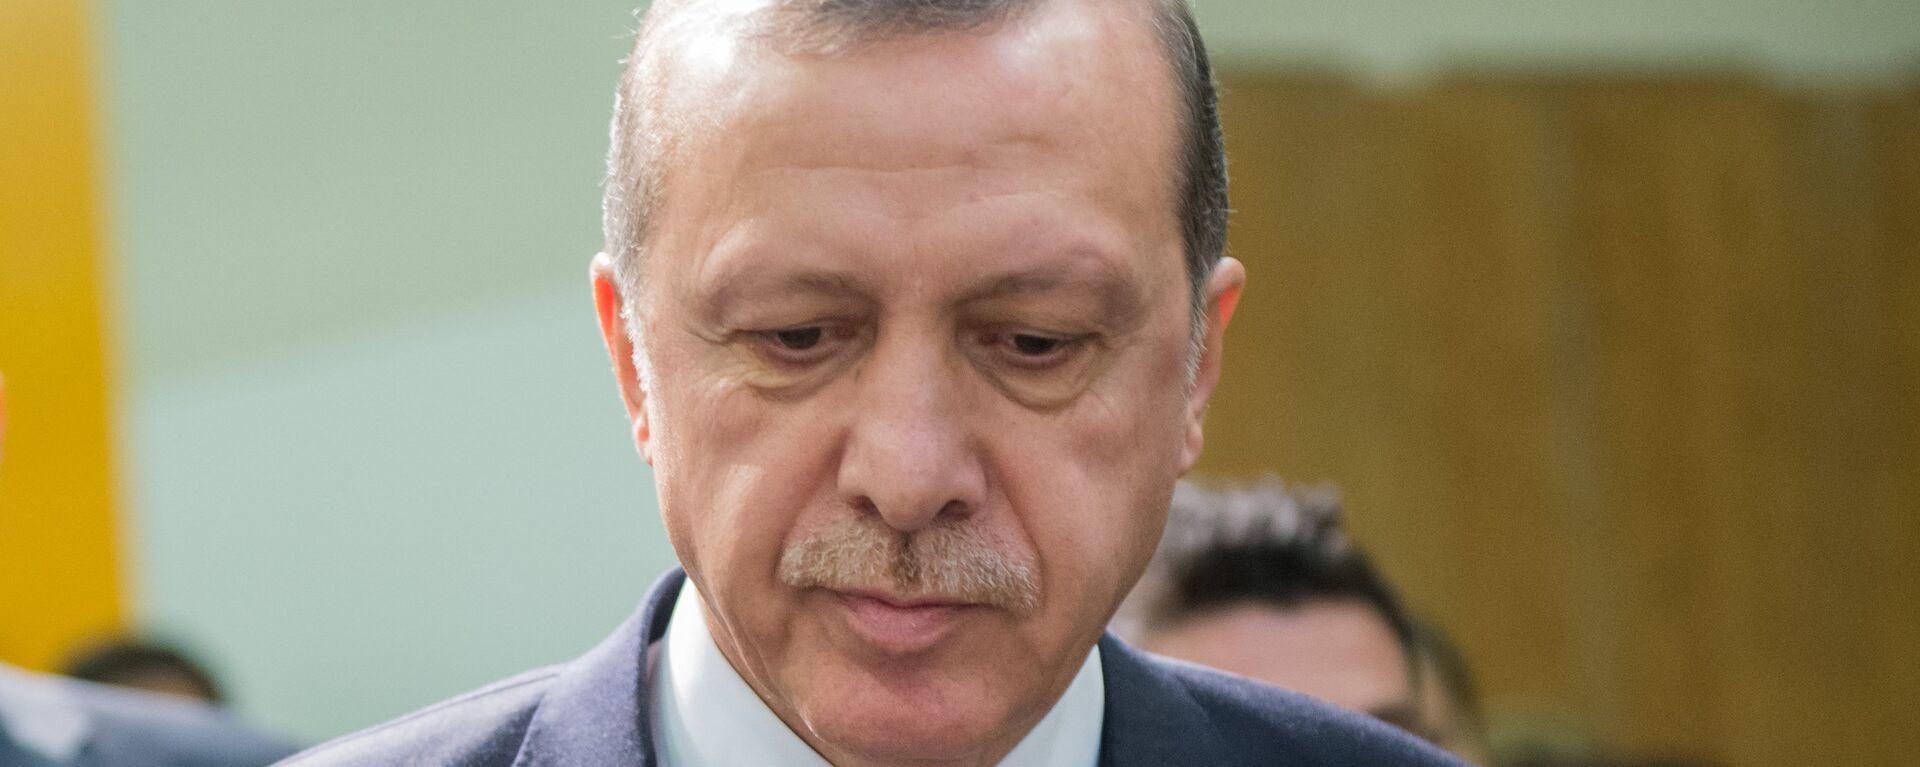 Turcijas prezidents Redžeps Tajips Erdogans. Foto no arhīva - Sputnik Latvija, 1920, 20.11.2016